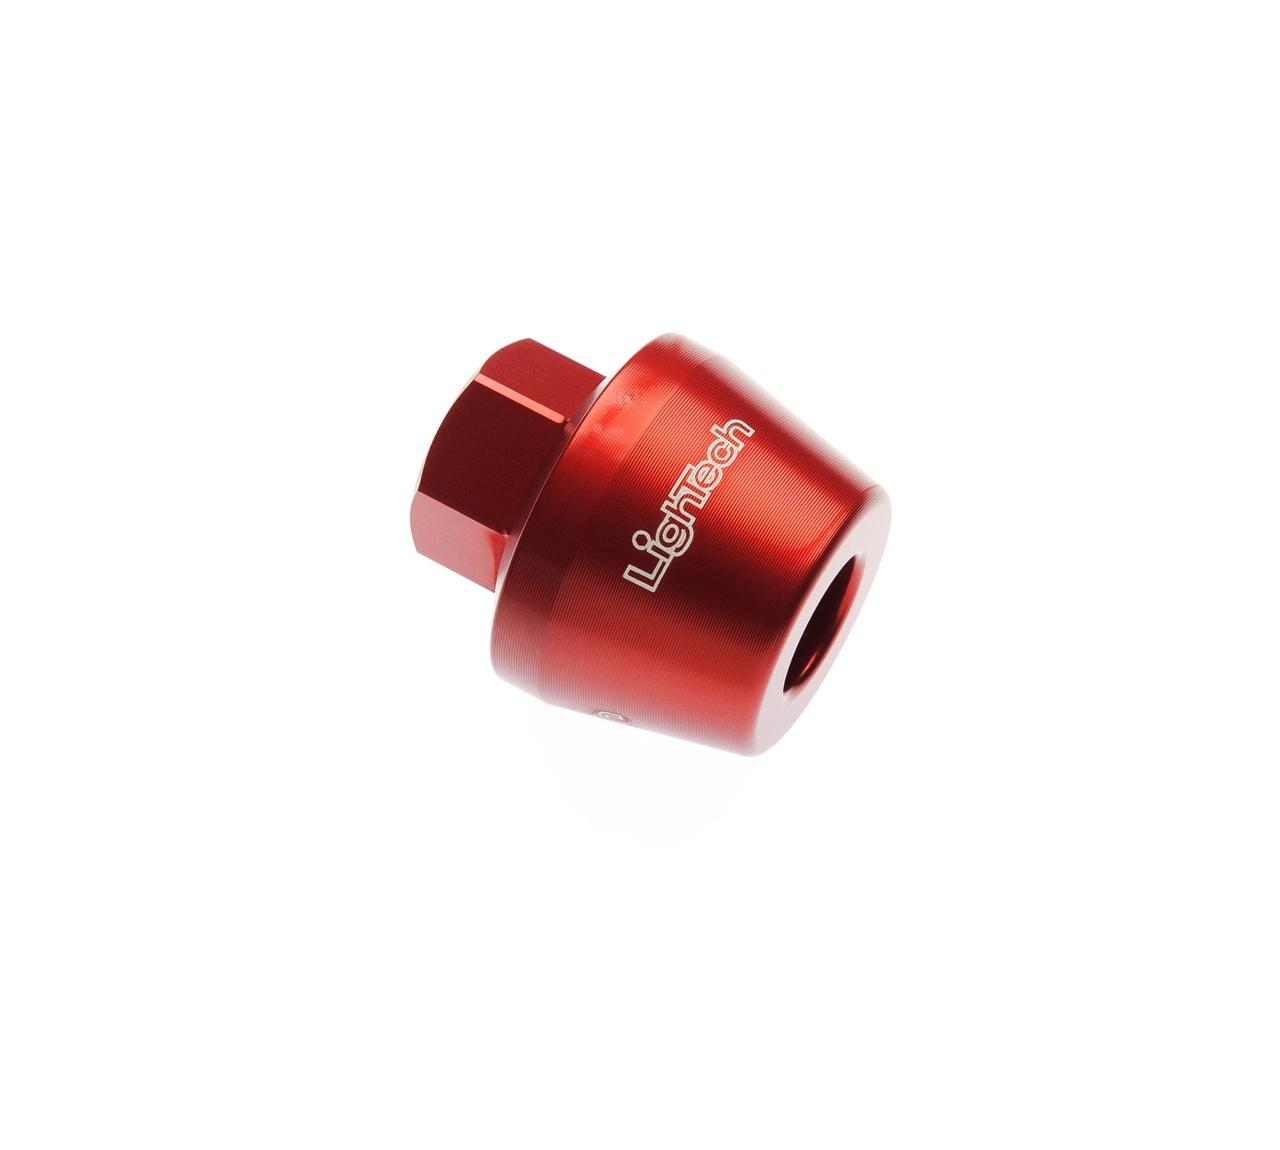 輪軸保護滑塊 (防倒球)